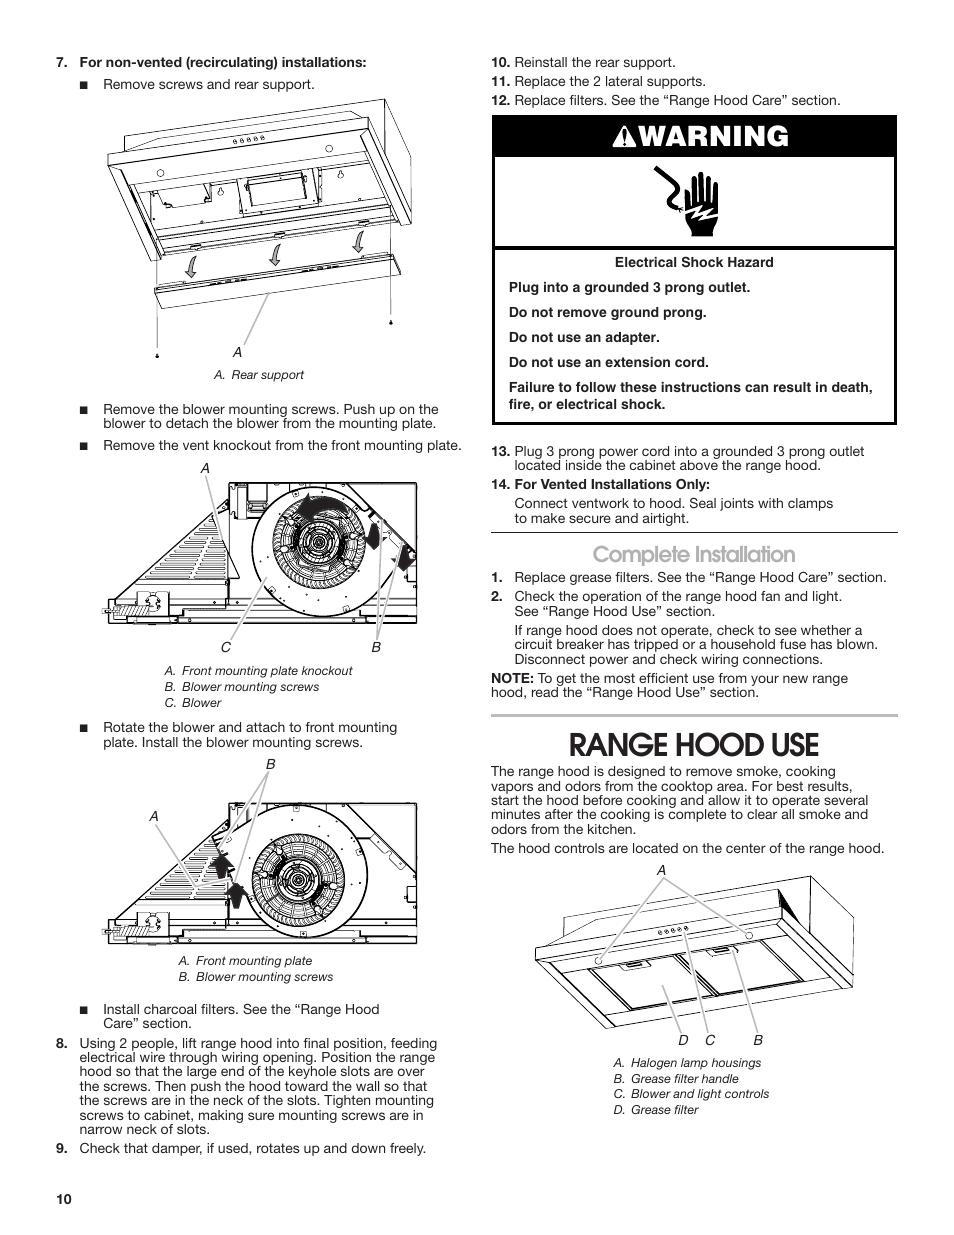 medium resolution of range hood use warning complete installation maytag uxt5536aas manuel d utilisation page 10 28